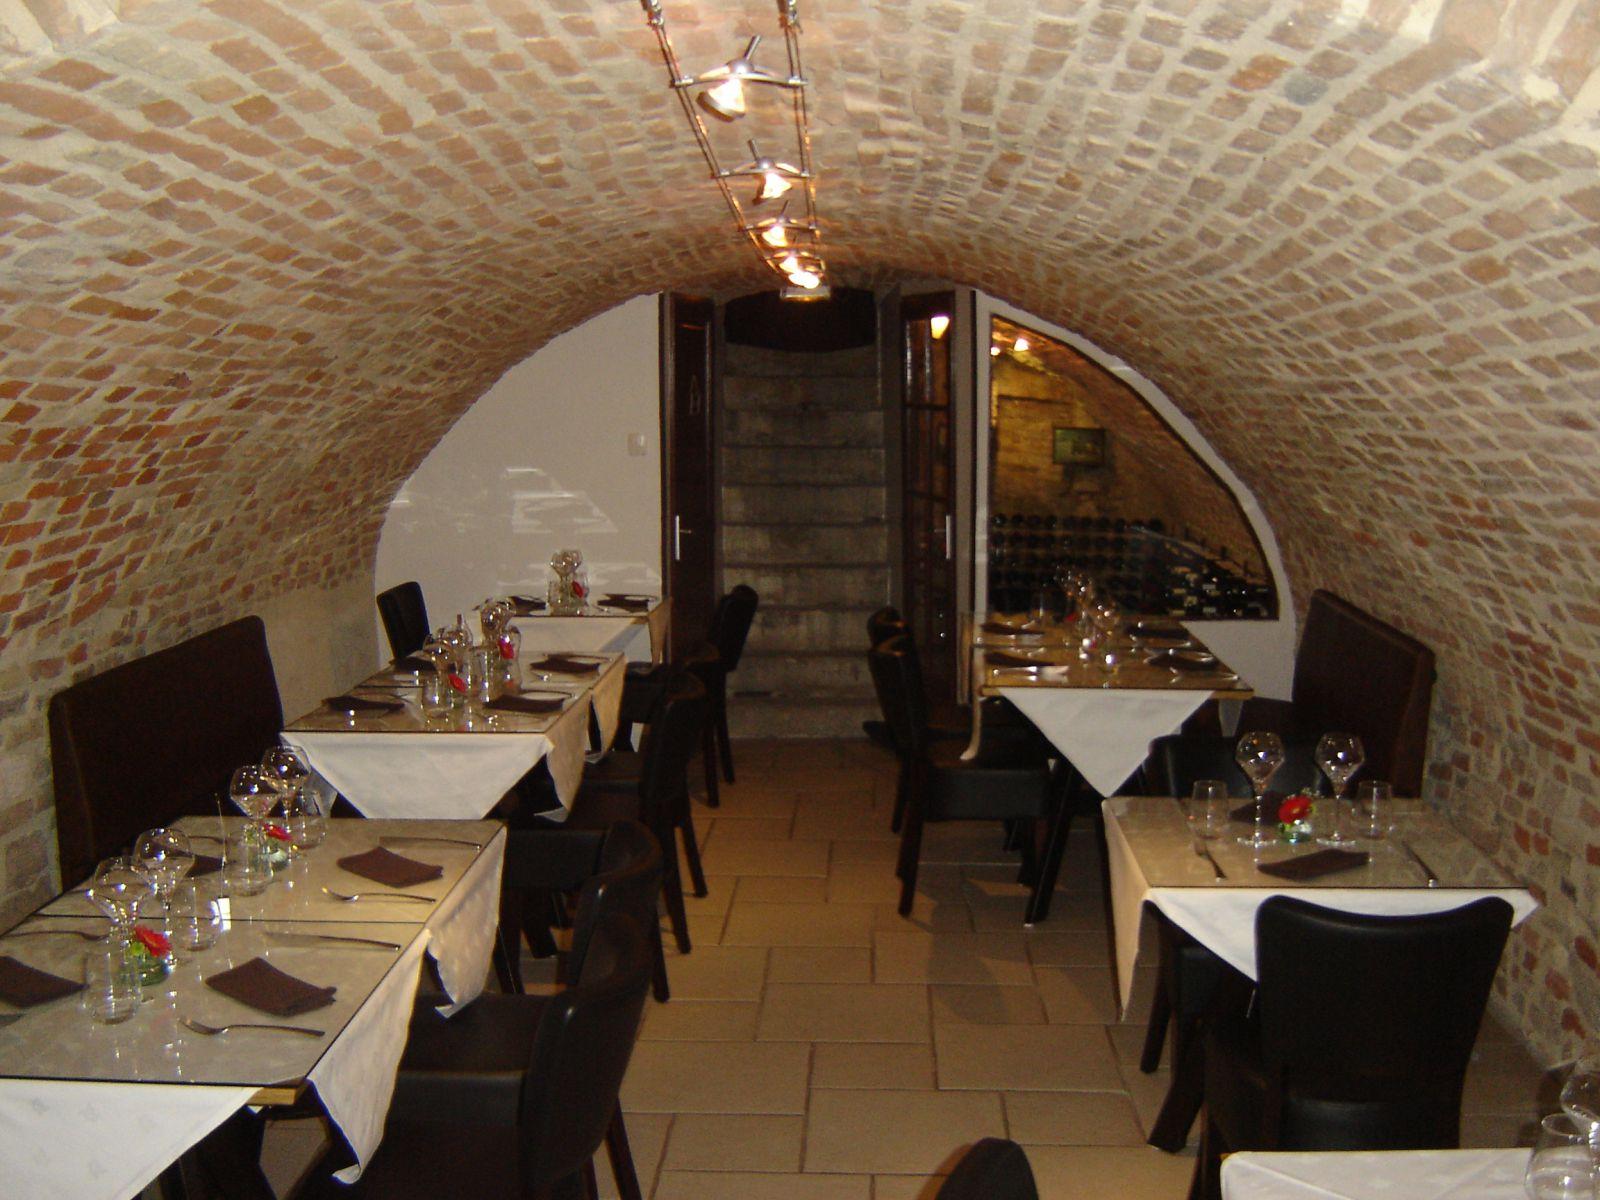 Restaurant parcours 32 rue de strasbourg 71150 chalon for A salon solution port st lucie